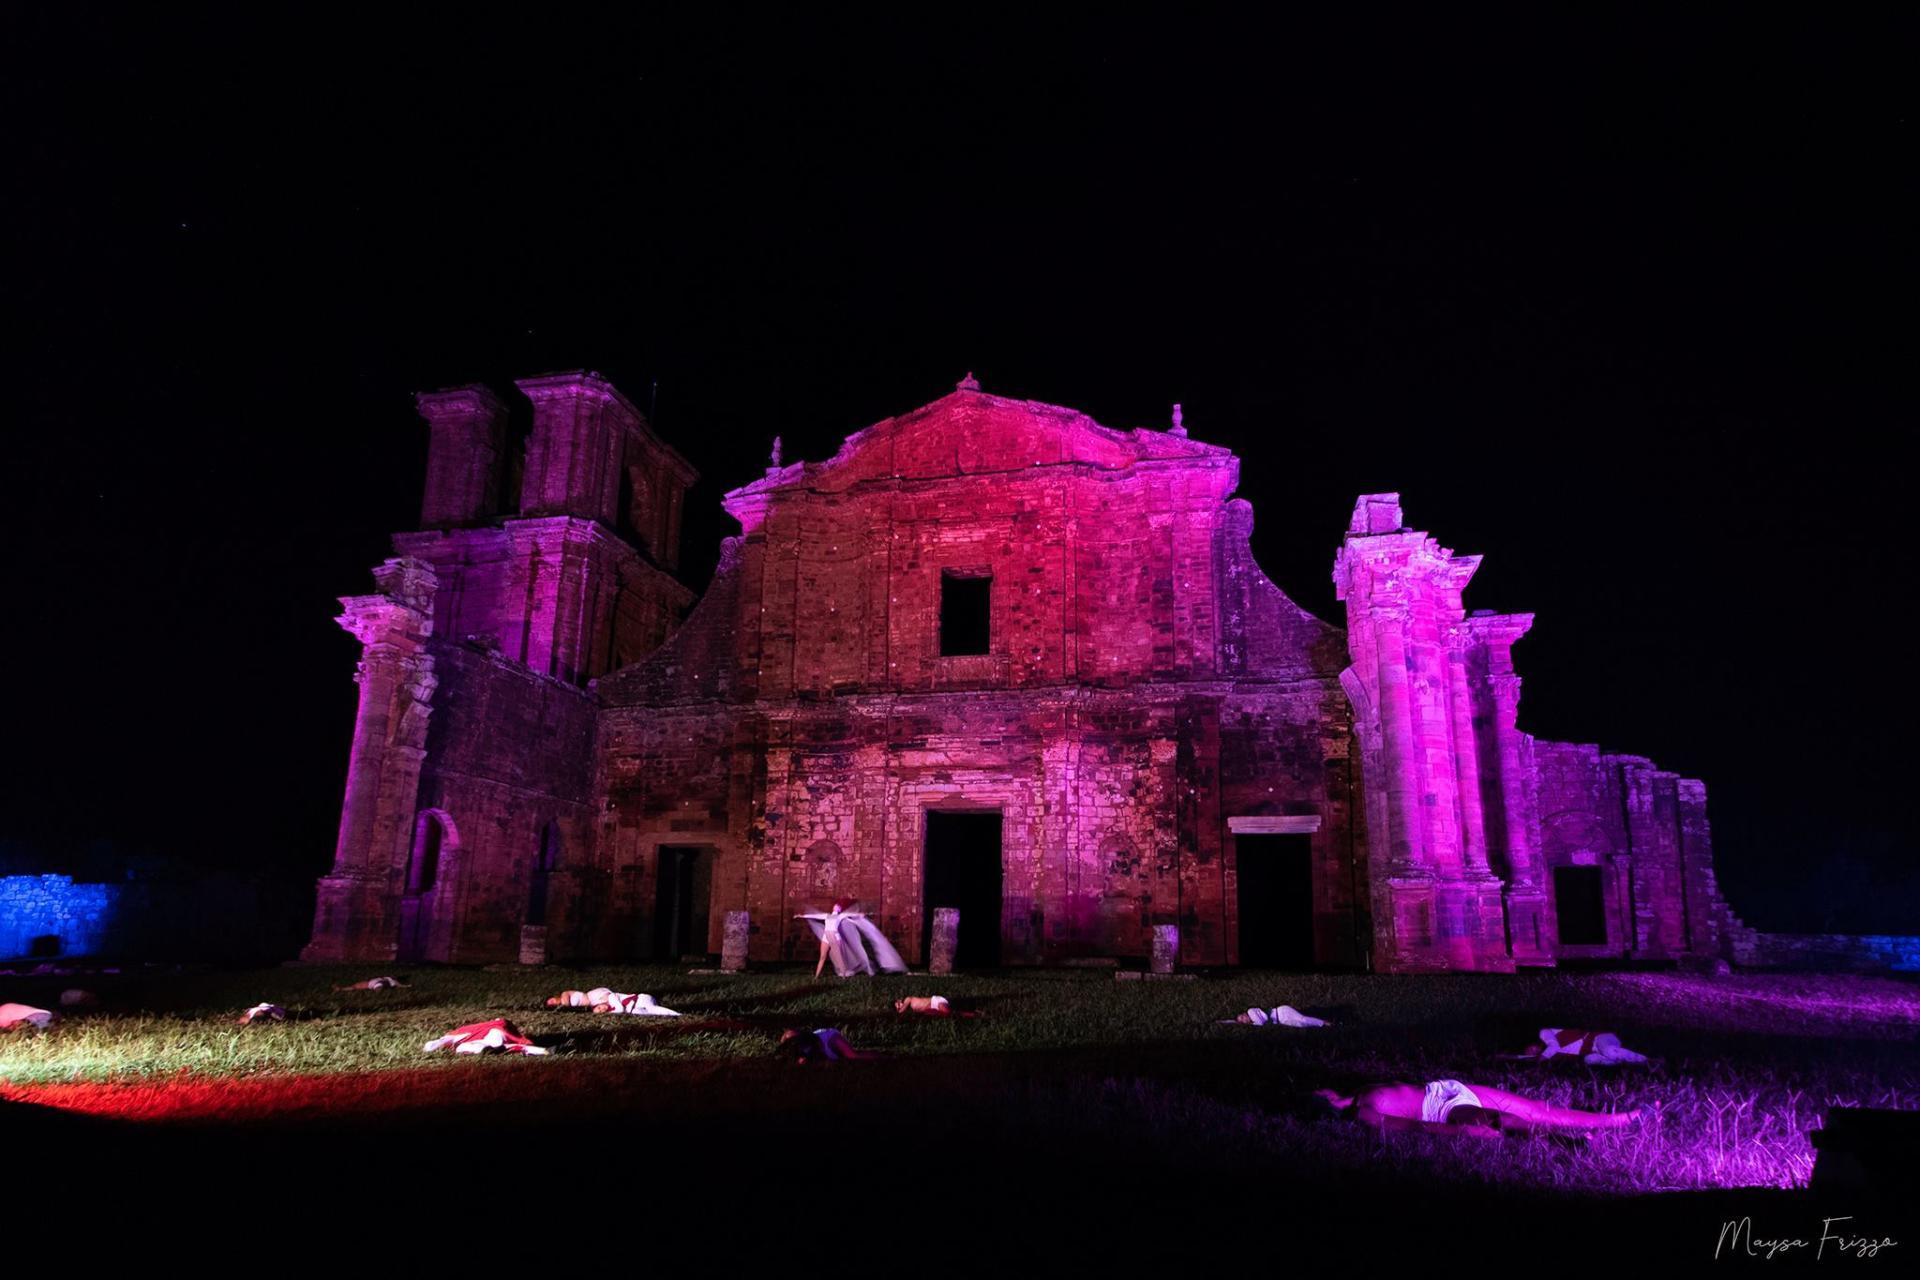 Foto mostra as ruínas de São Miguel à noite, iluminada de roda, com bailarinos à frente apresentando o espetáculo, a maioria deles deitados no chão